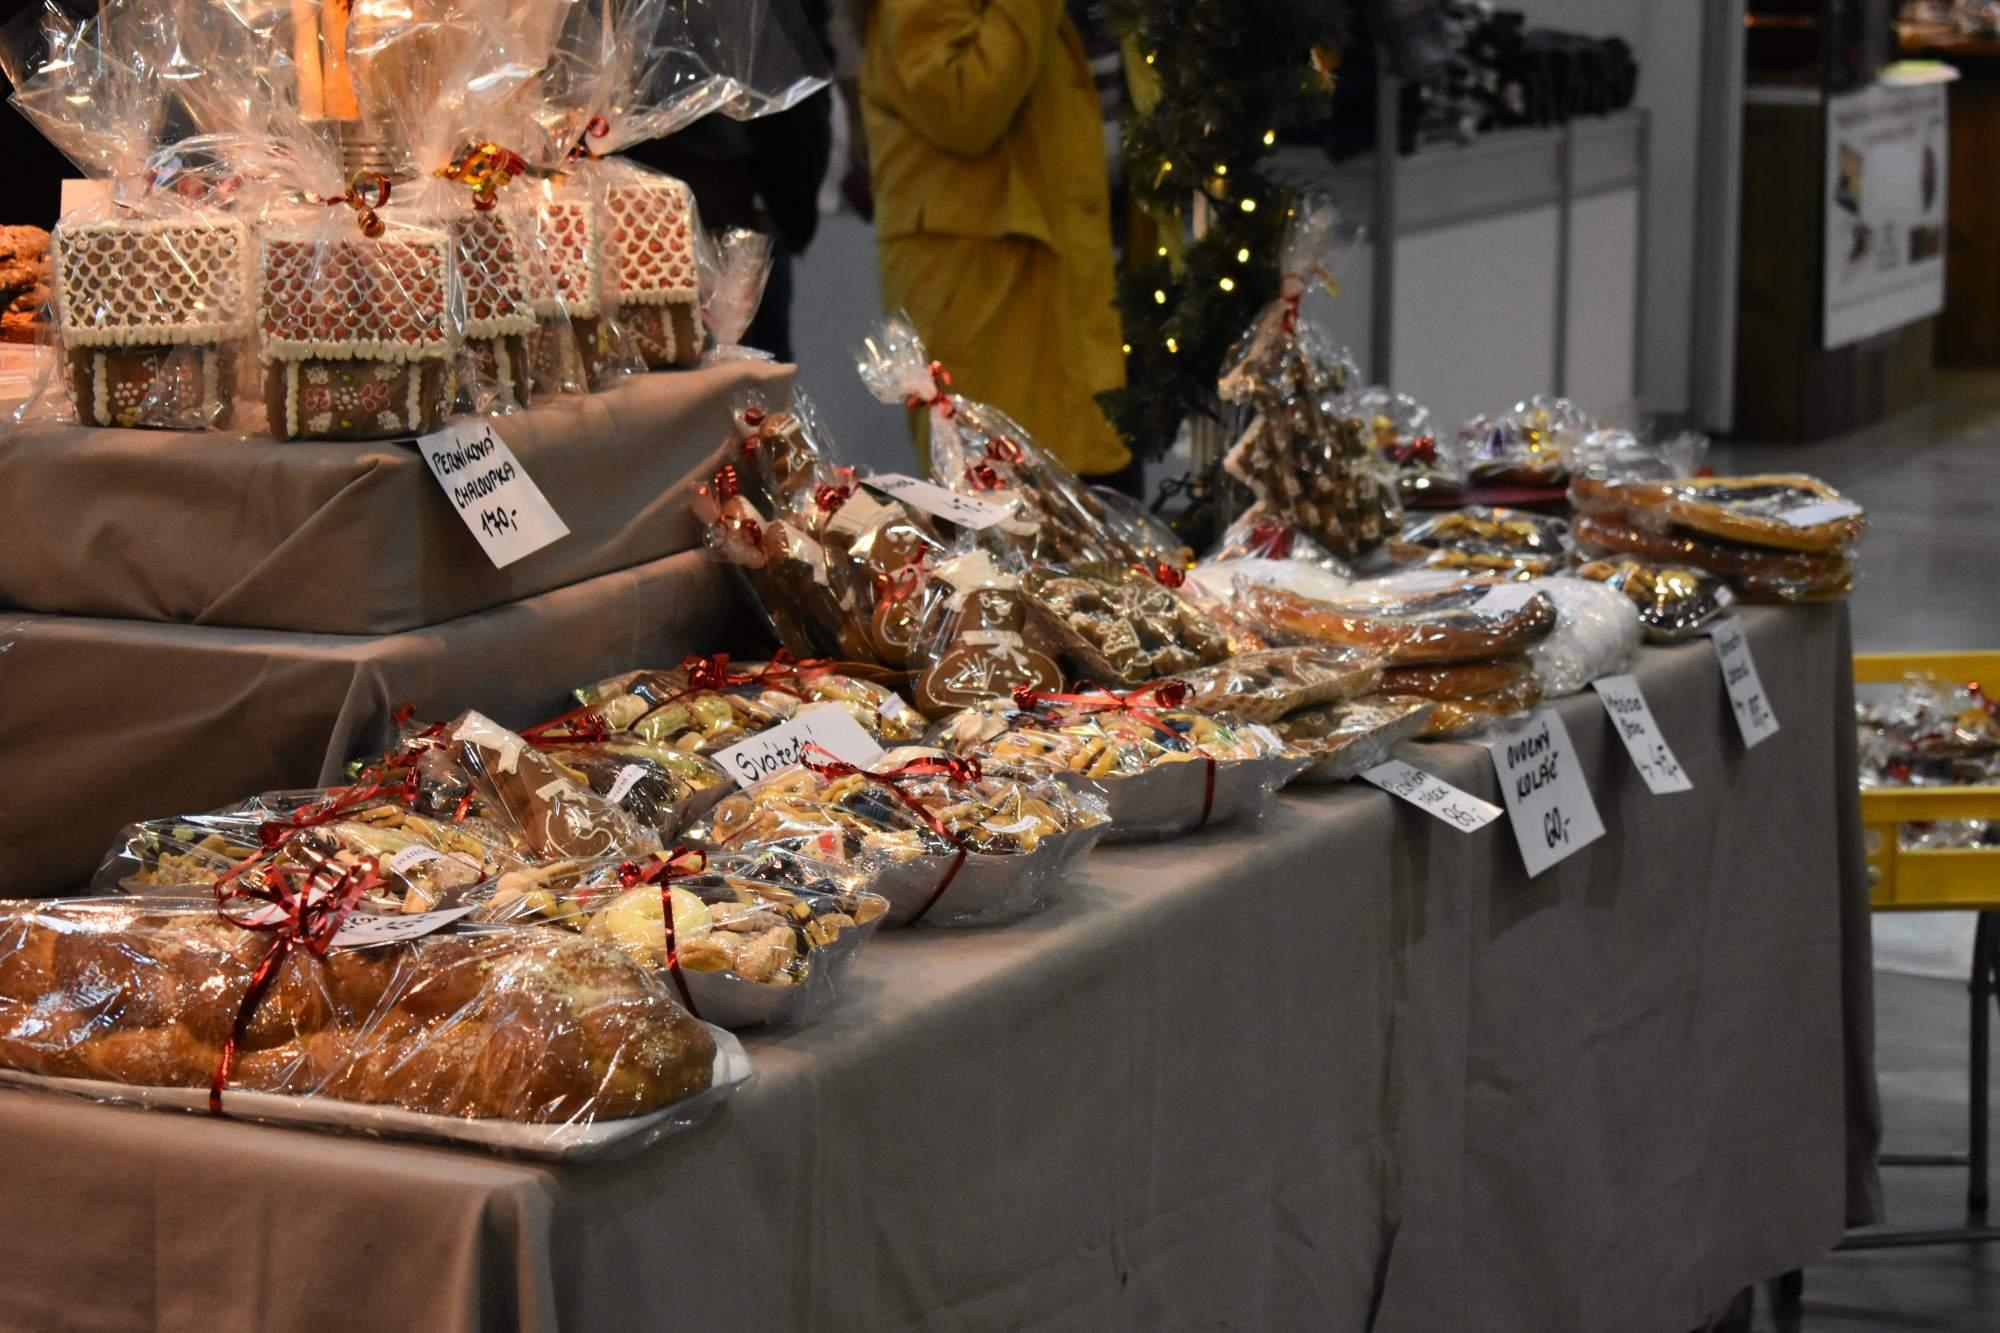 Nechybí ani vánoční cukroví a vánočky. Foto: Eliška Podzemná